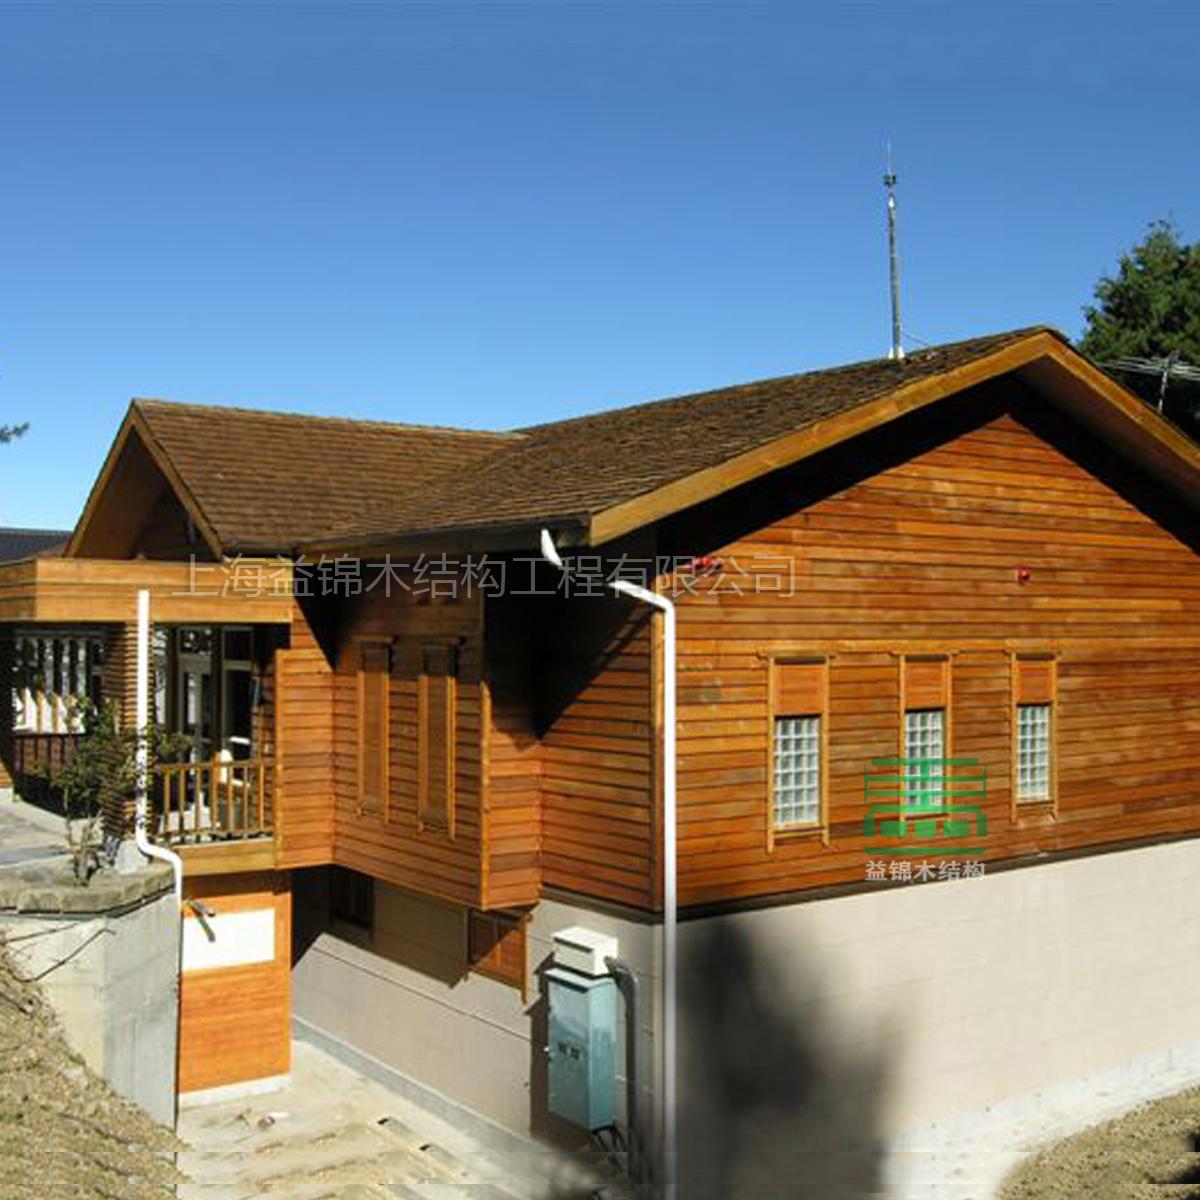 木结构建筑房屋